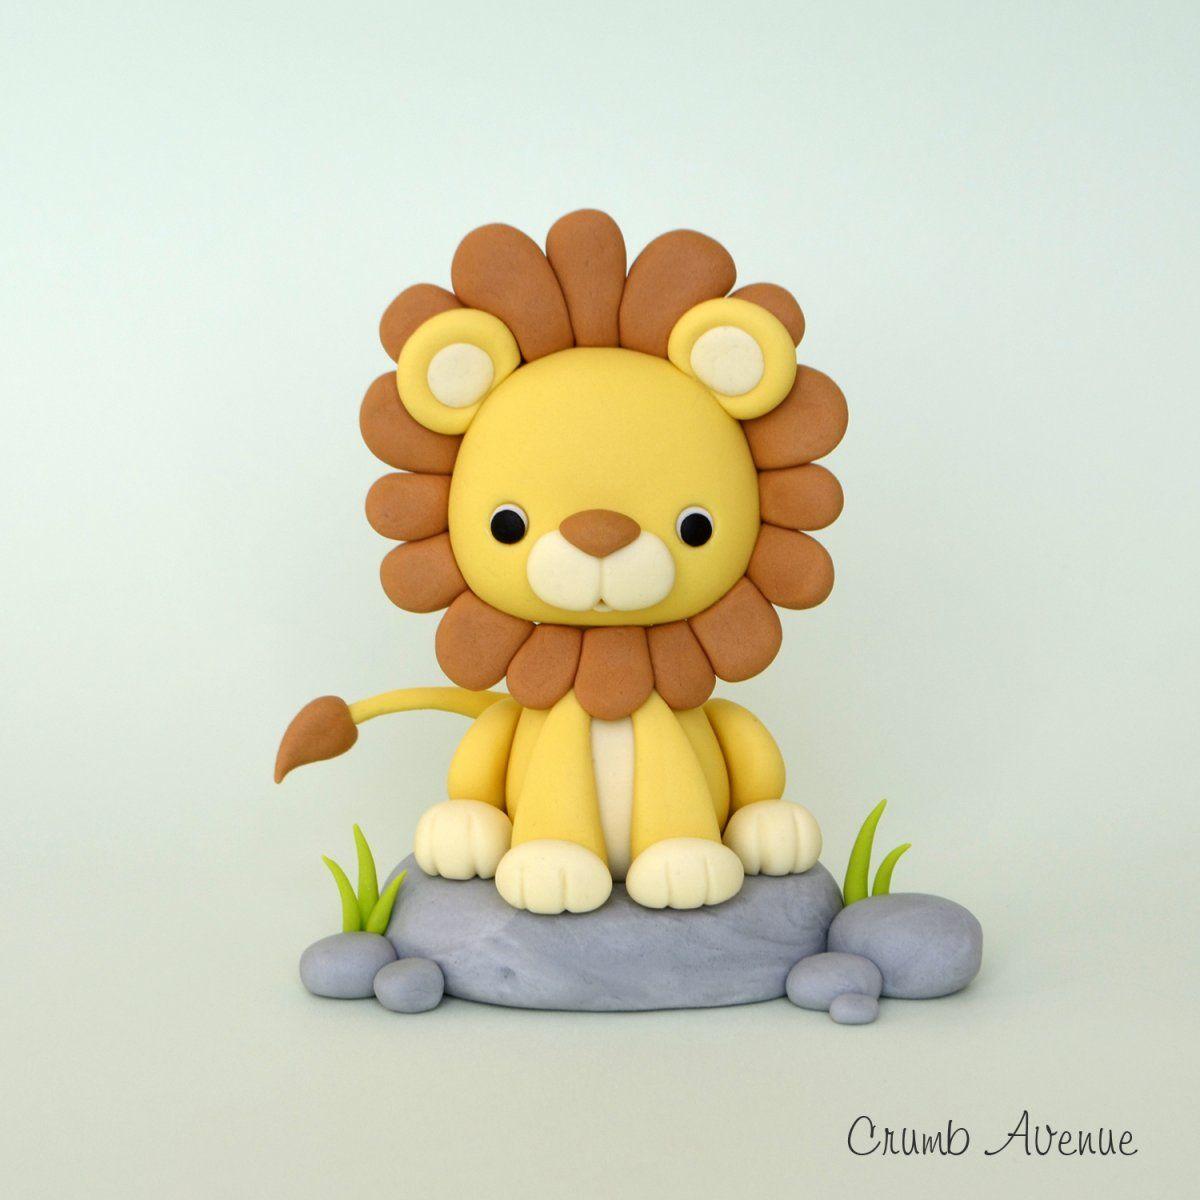 diy cute lion polymer clay step-by-step tutorial | polymer clay art